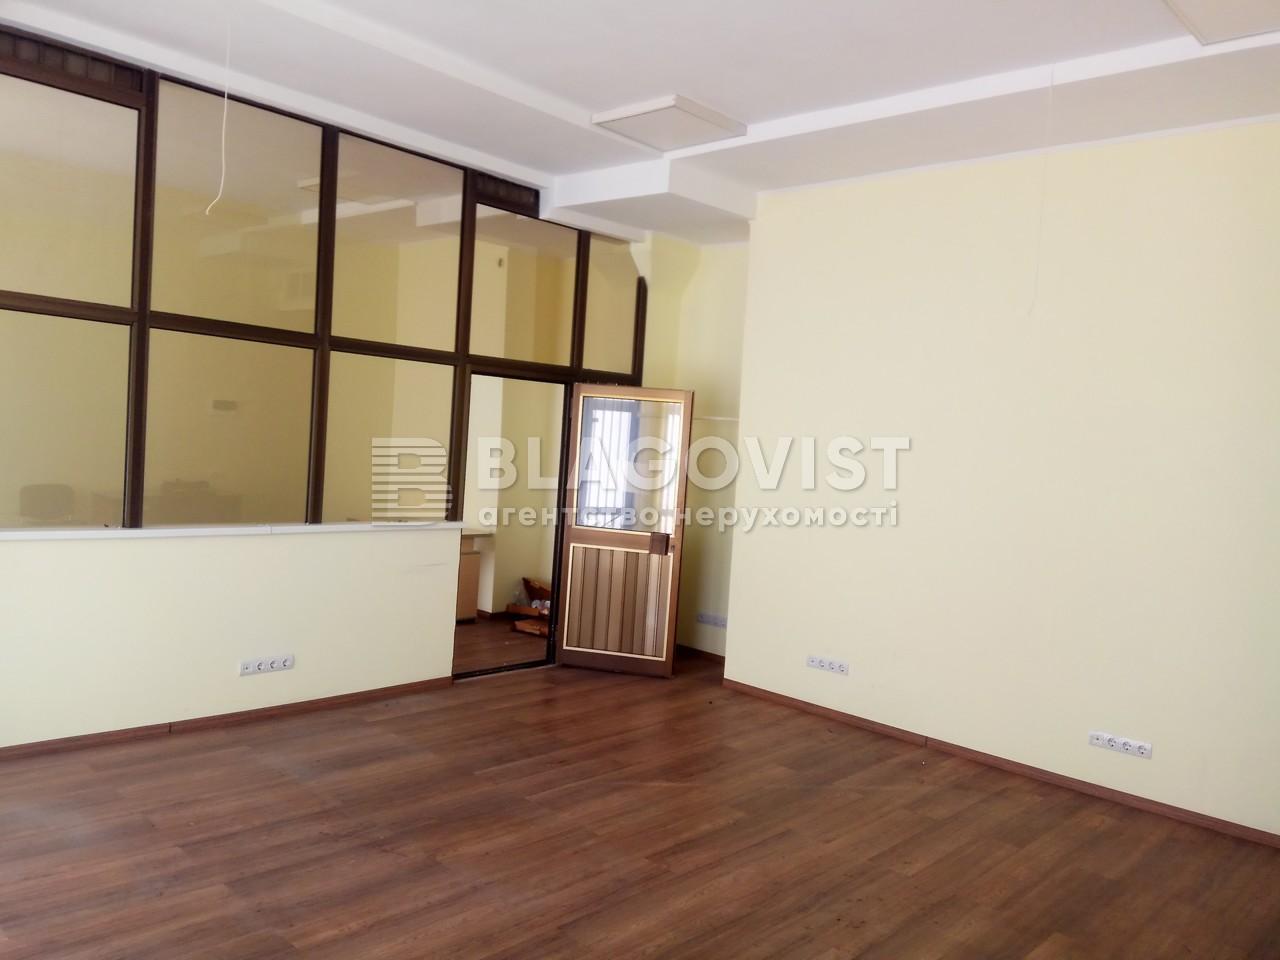 Нежитлове приміщення, P-30038, Дніпровська наб., Київ - Фото 14